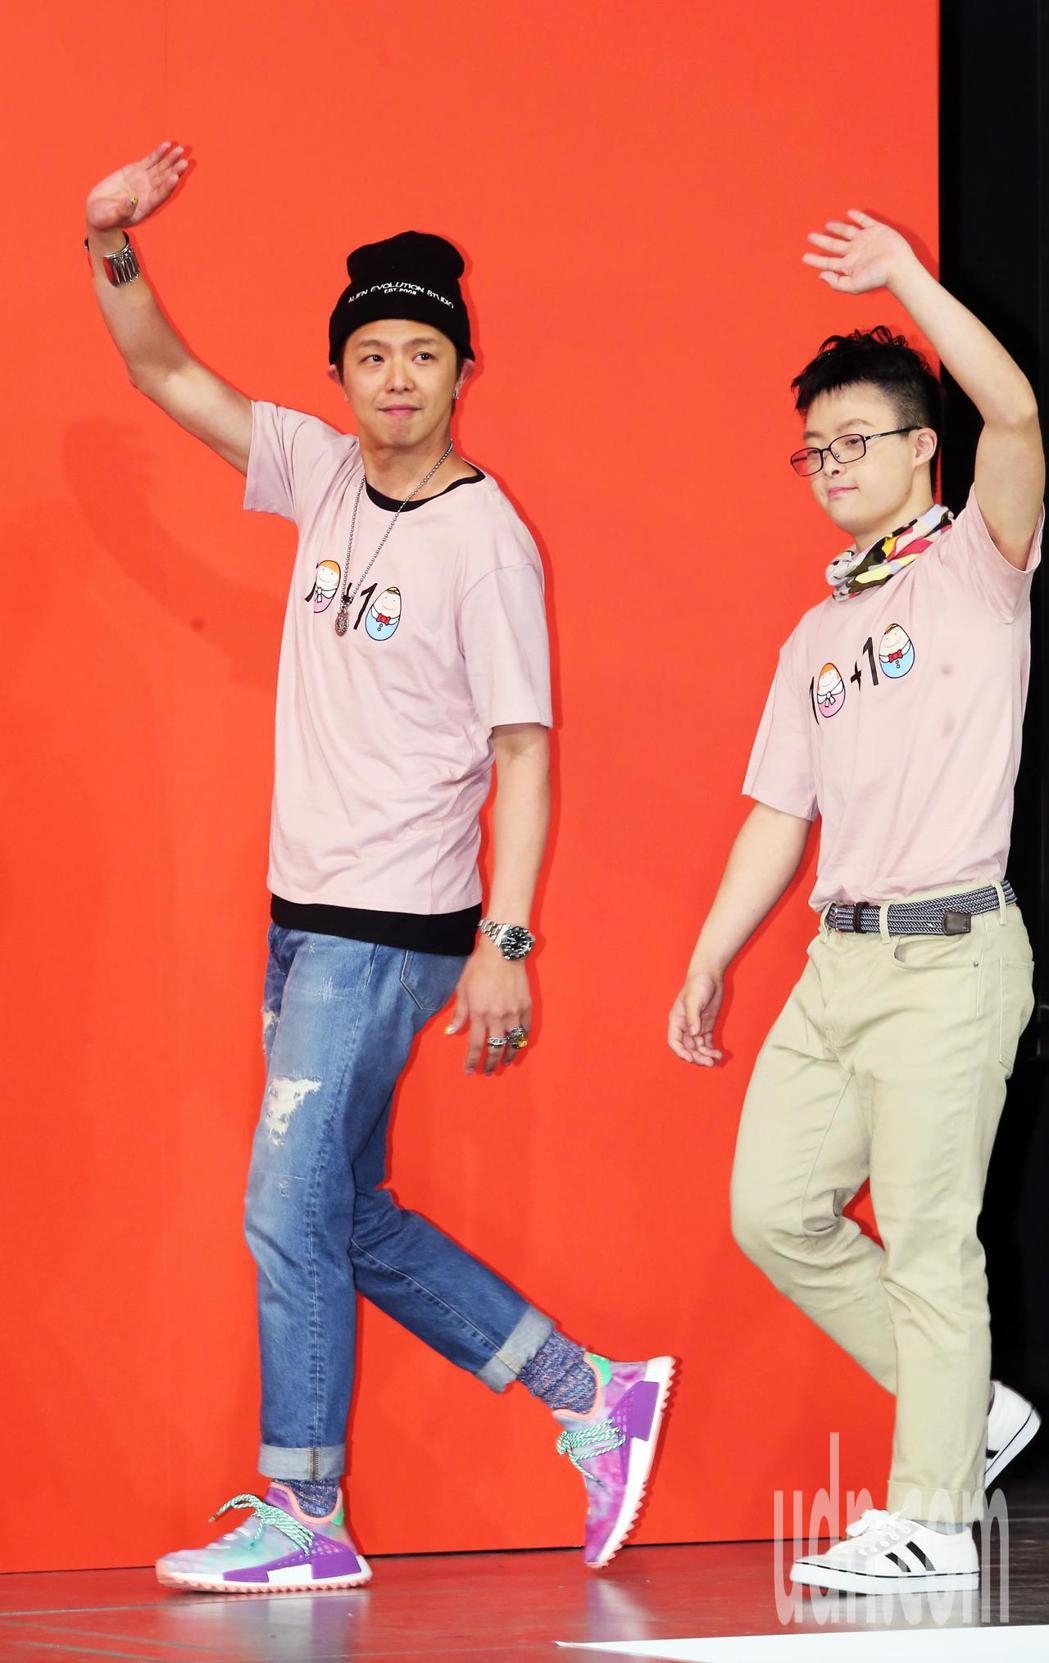 小鬼黃鴻升下午出席唐氏症基金會成立20週年慶祝活動。記者徐兆玄/攝影